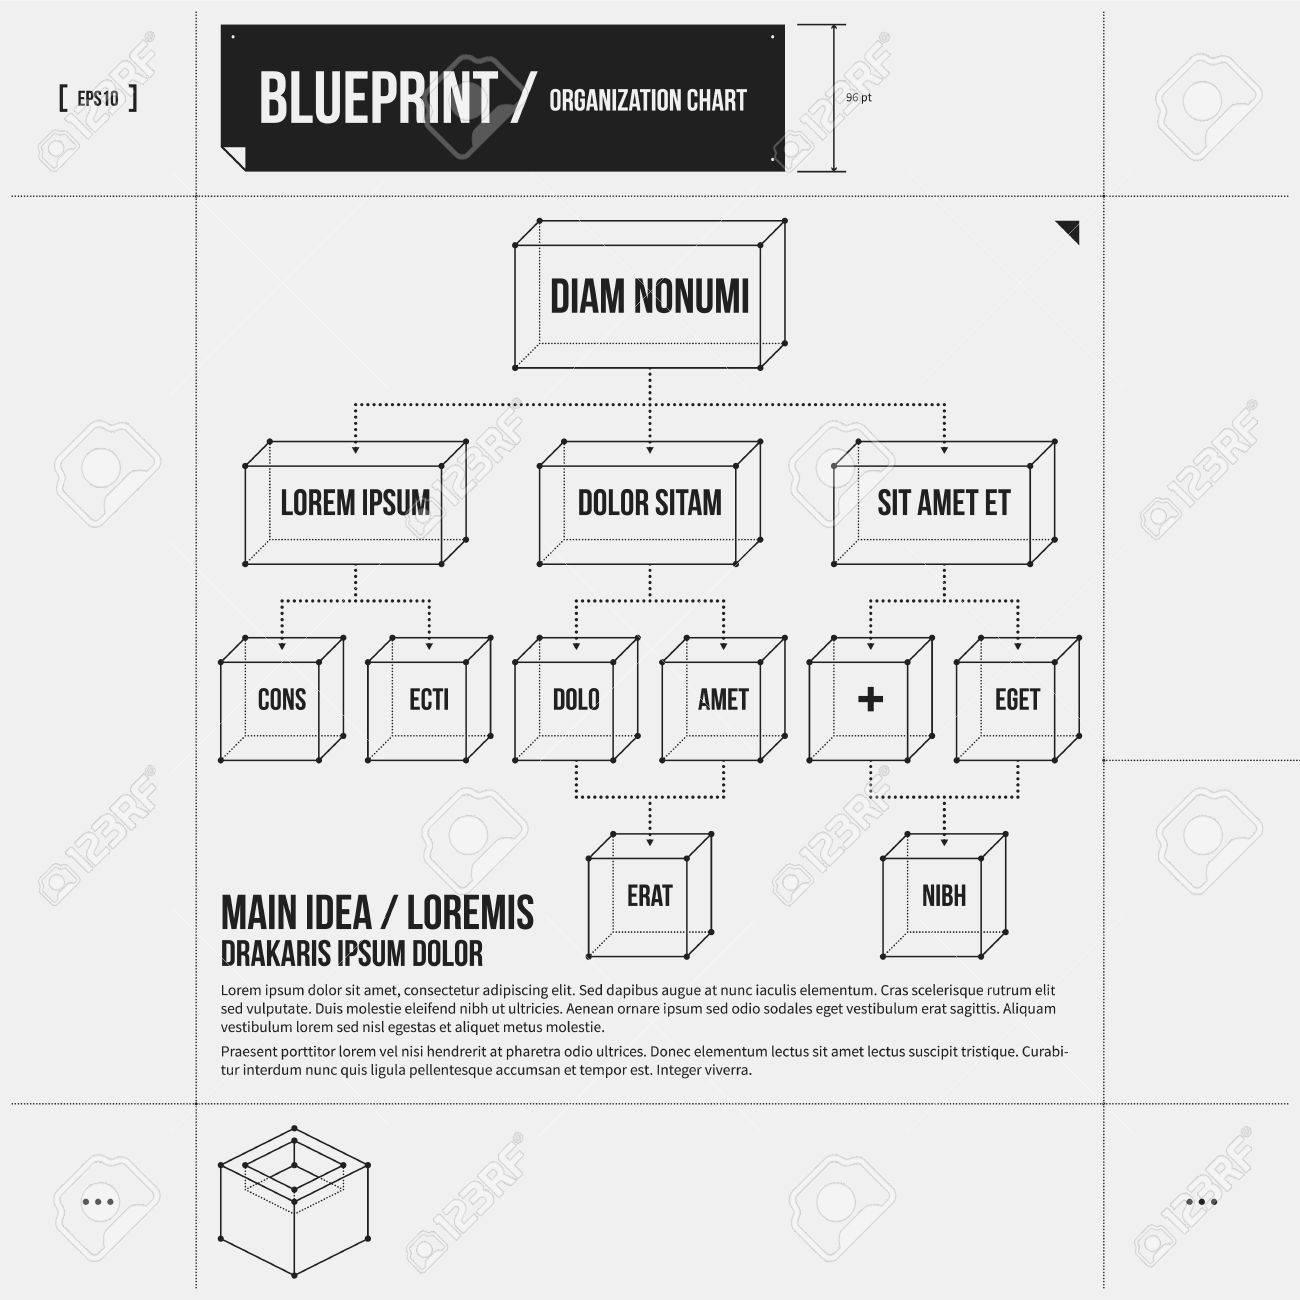 Fein chart chart vorlage frei fotos beispiel wiederaufnahme niedlich beispiel fr eine flow chart vorlage ideen entry level malvernweather Choice Image